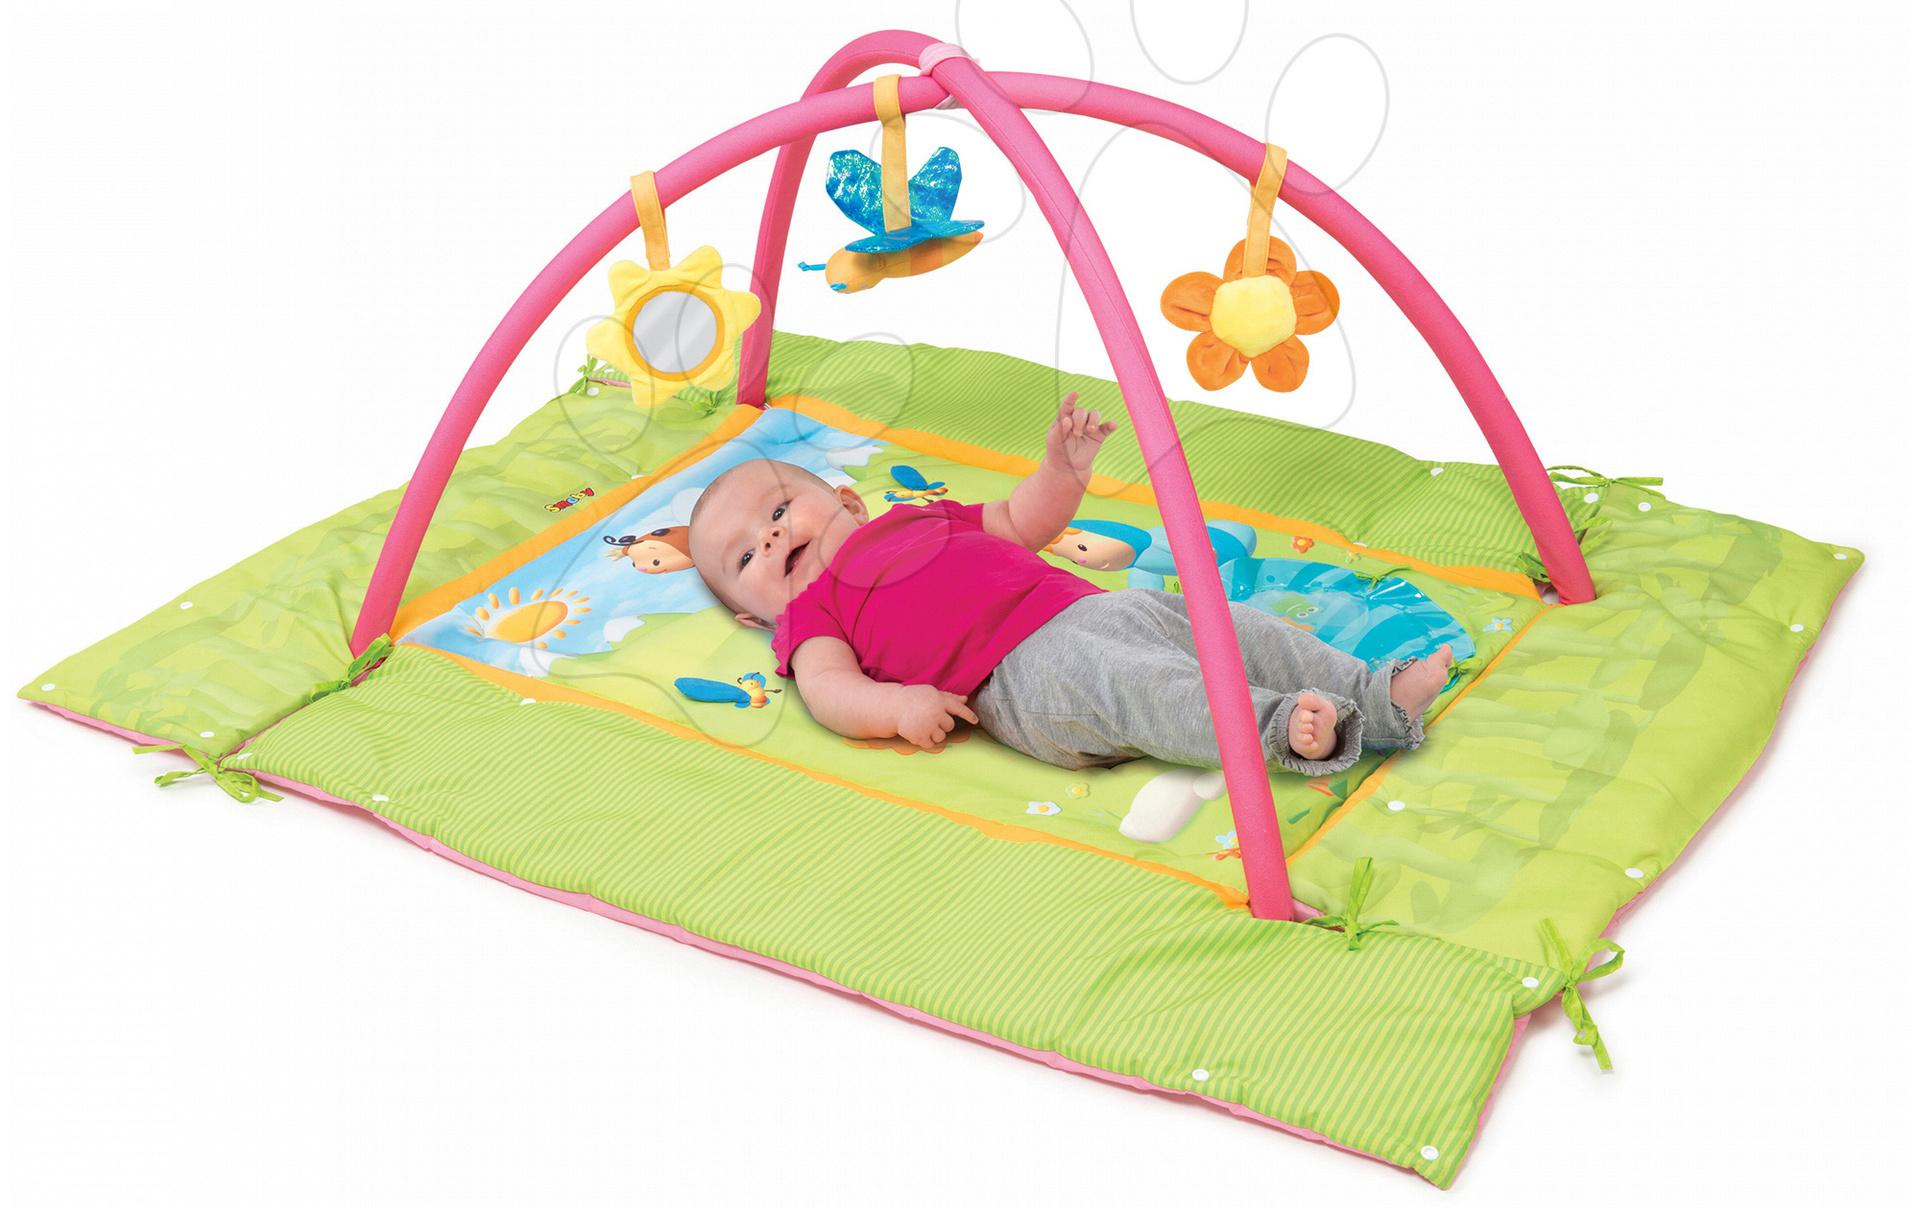 Hrazdičky a hrací deky - Hrací deka Cotoons Discovery Smoby s hrazdou, hnízdem, chrastítky a rybníkem pro nejmenší růžová